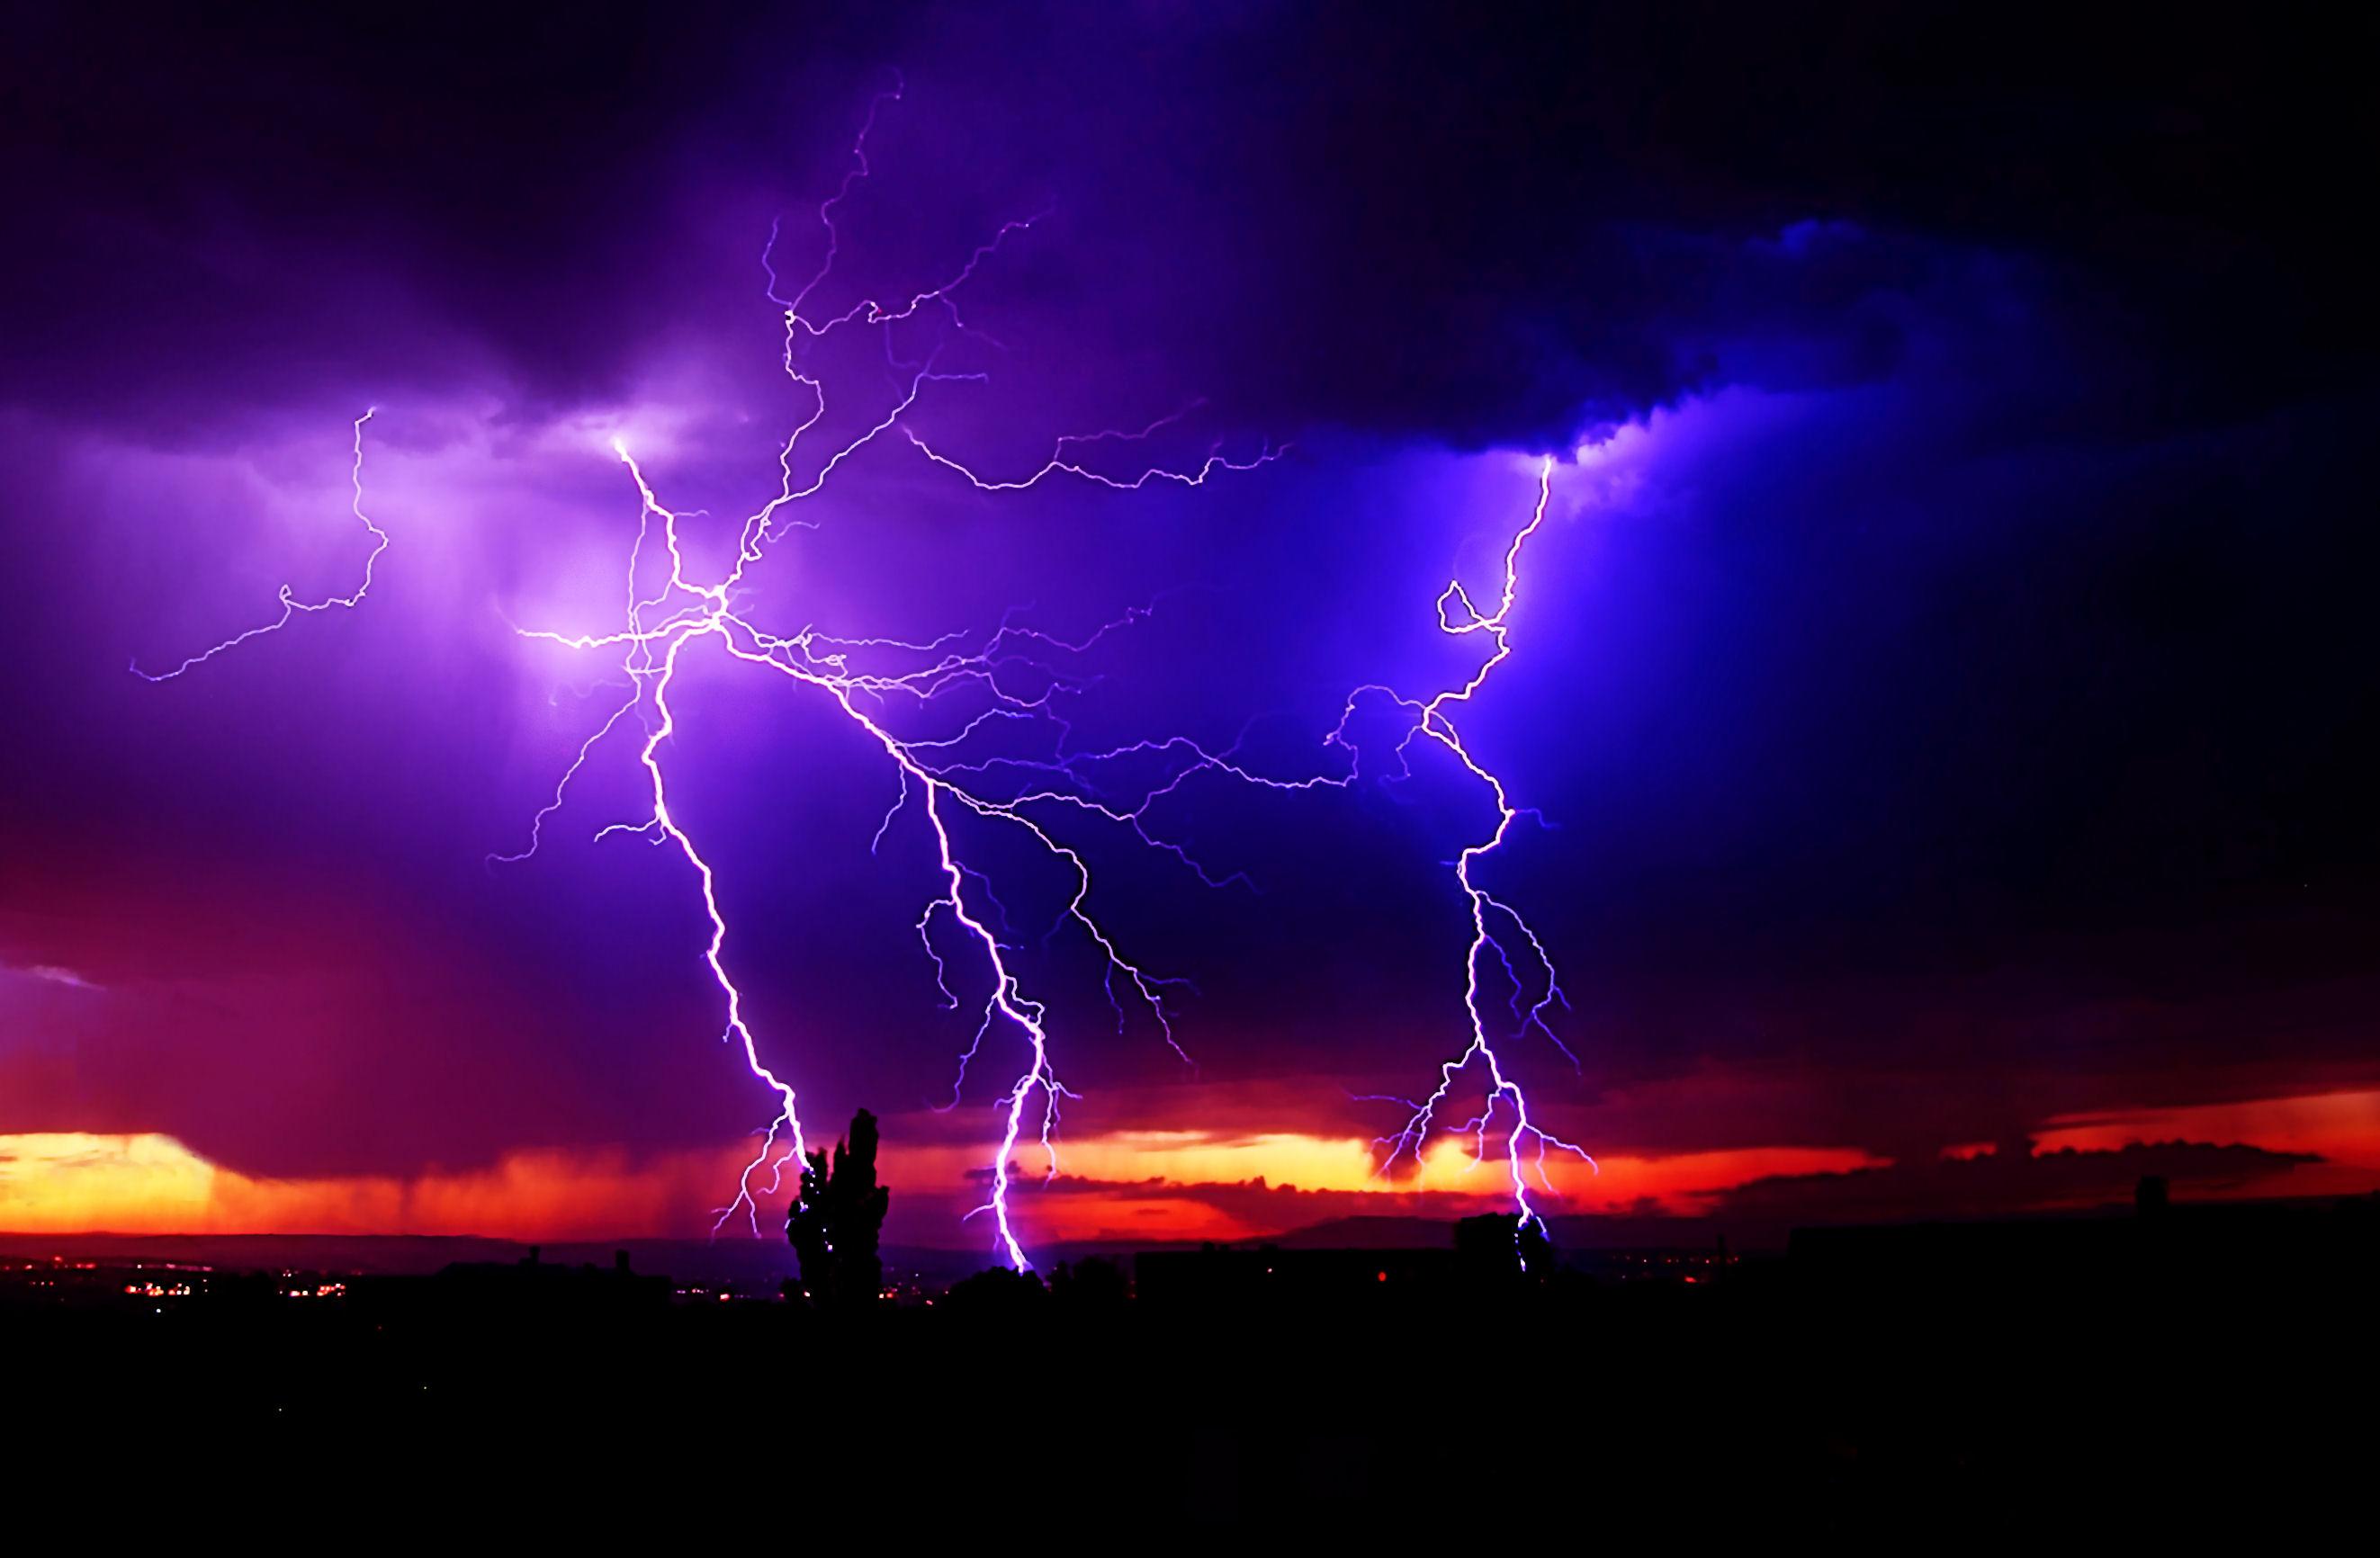 Hd Lightning Storm Wallpaper